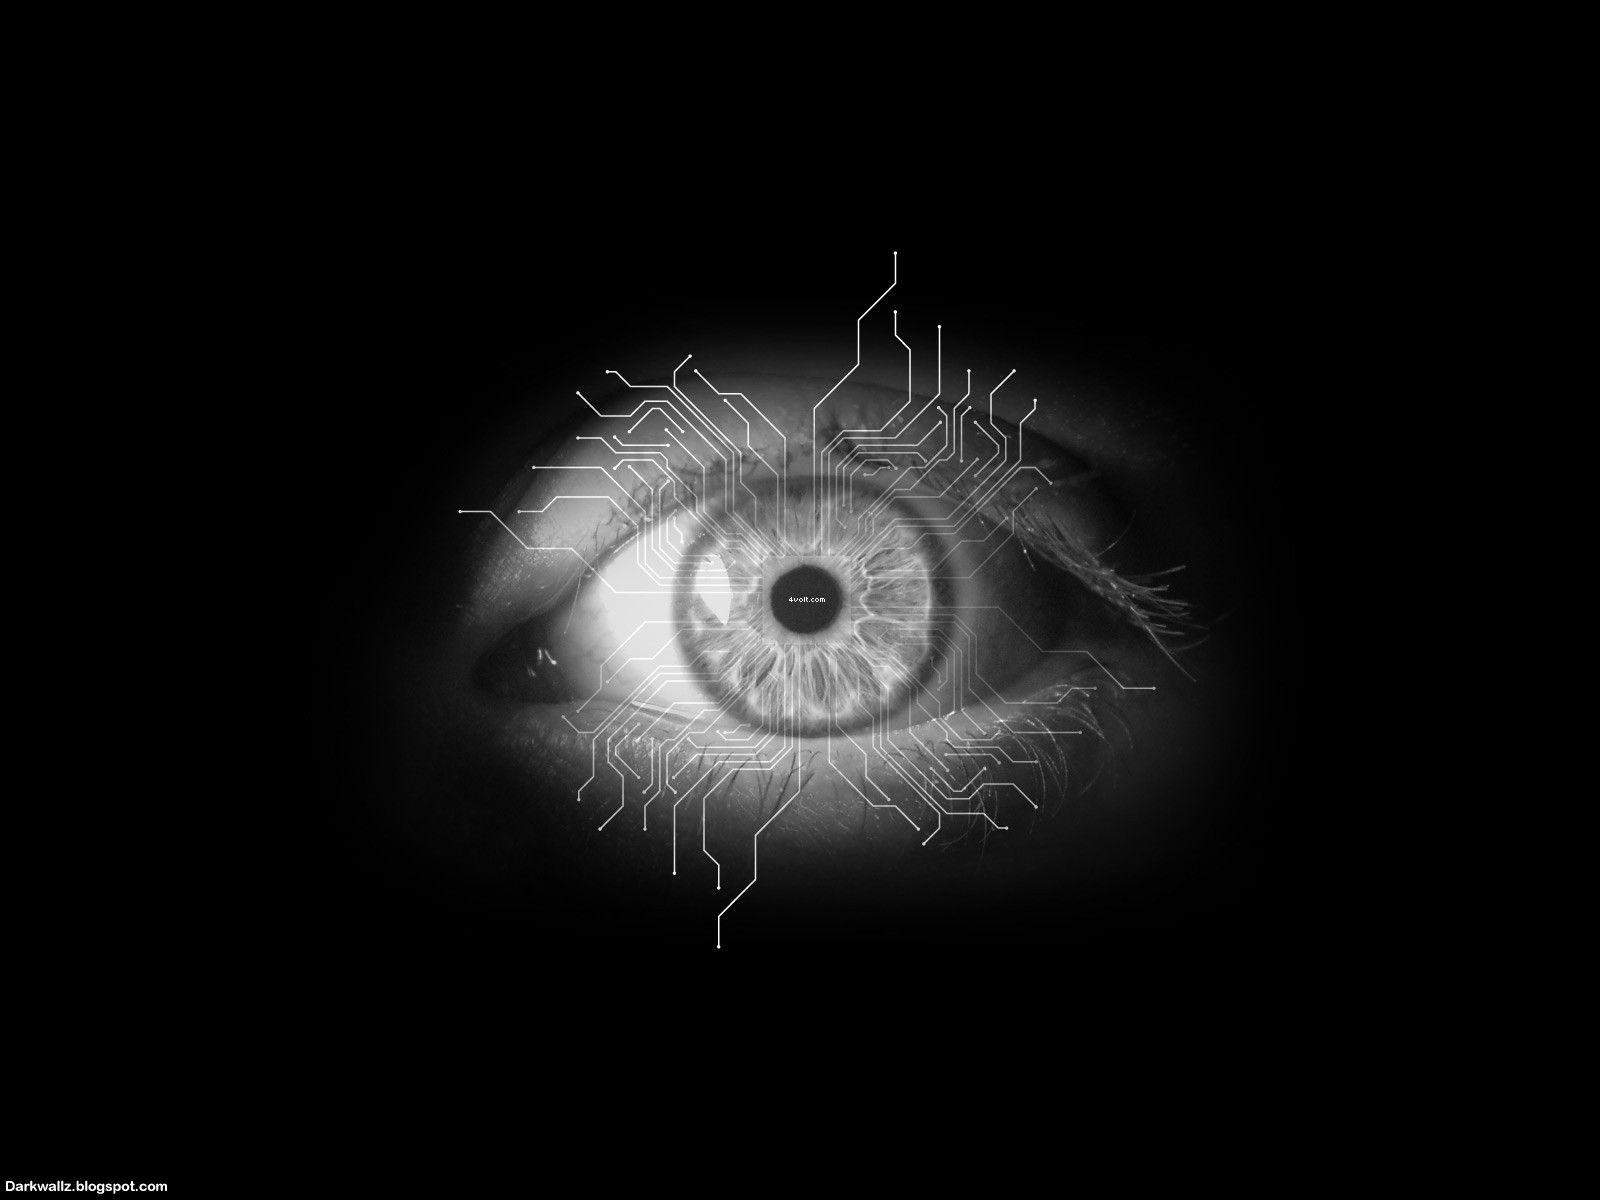 Scary Black Eyes Design Backgrounds Scary Wallpaper Backgrounds Eyes Wallpaper Scary Wallpaper Scary Eyes